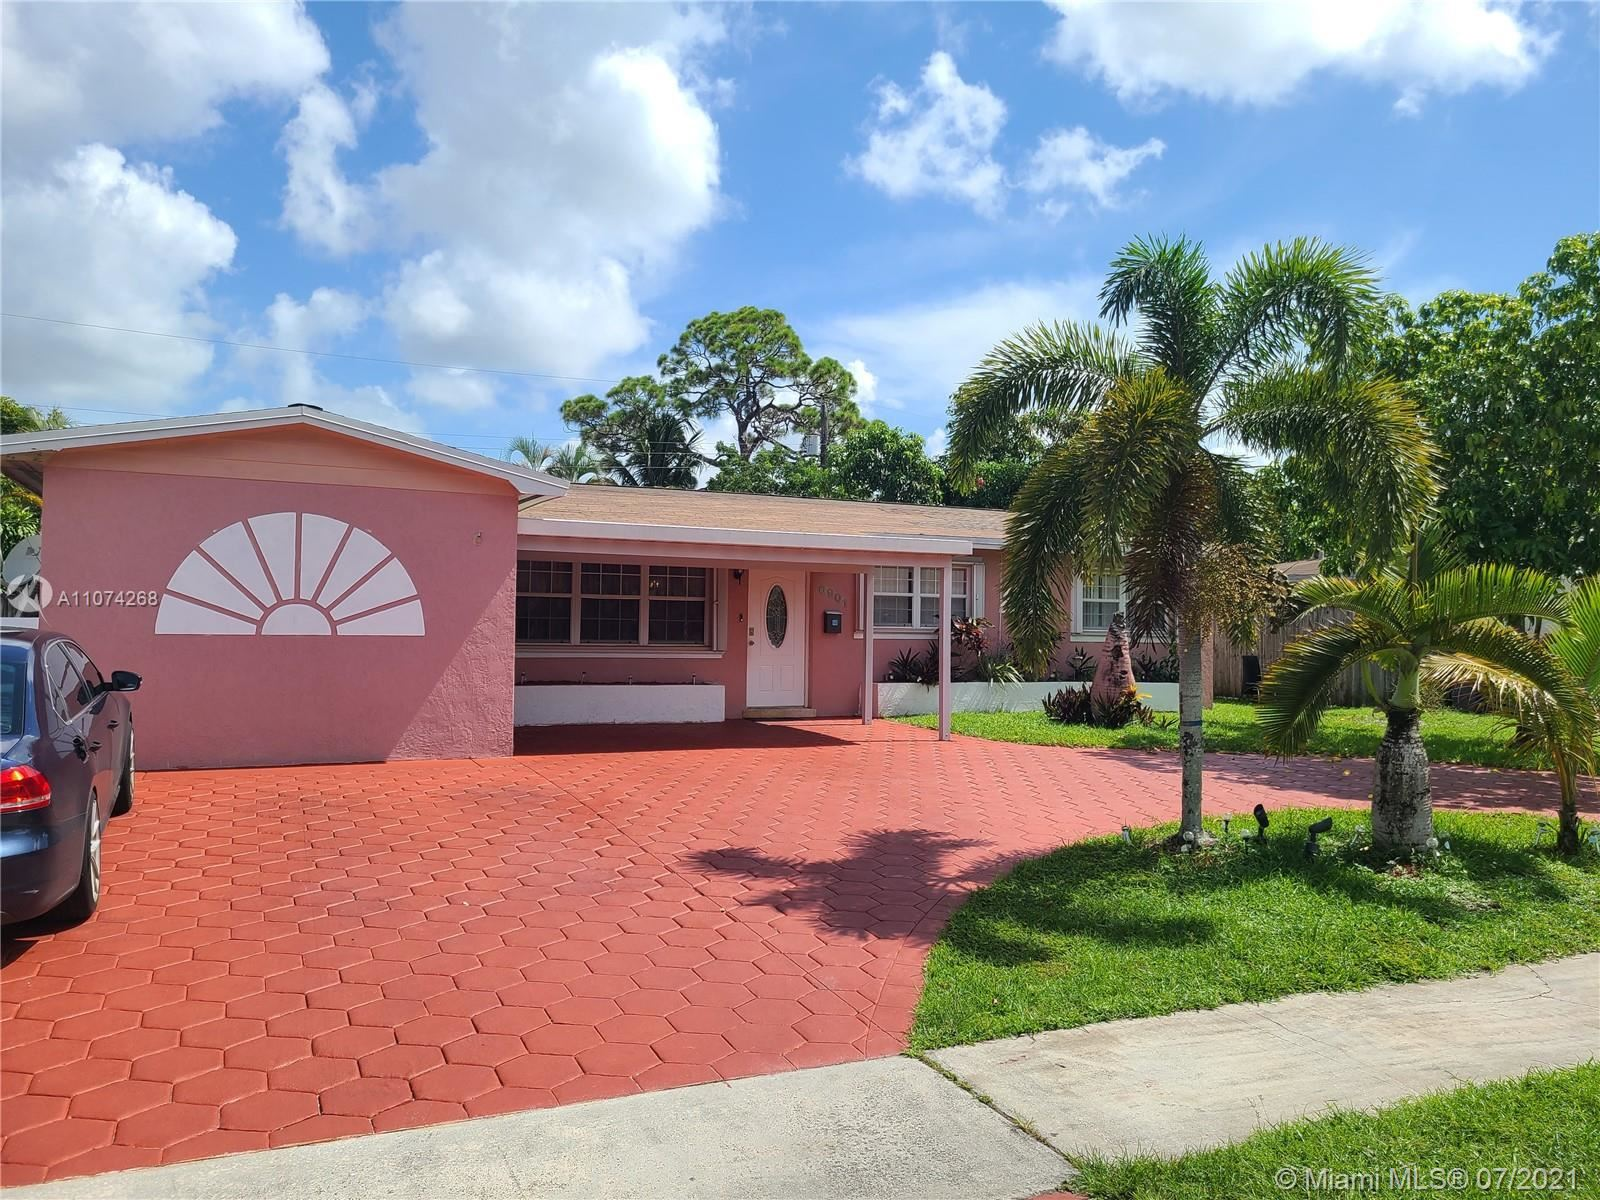 6901 SW 5th St, Pembroke Pines, FL 33023 - #: A11074268